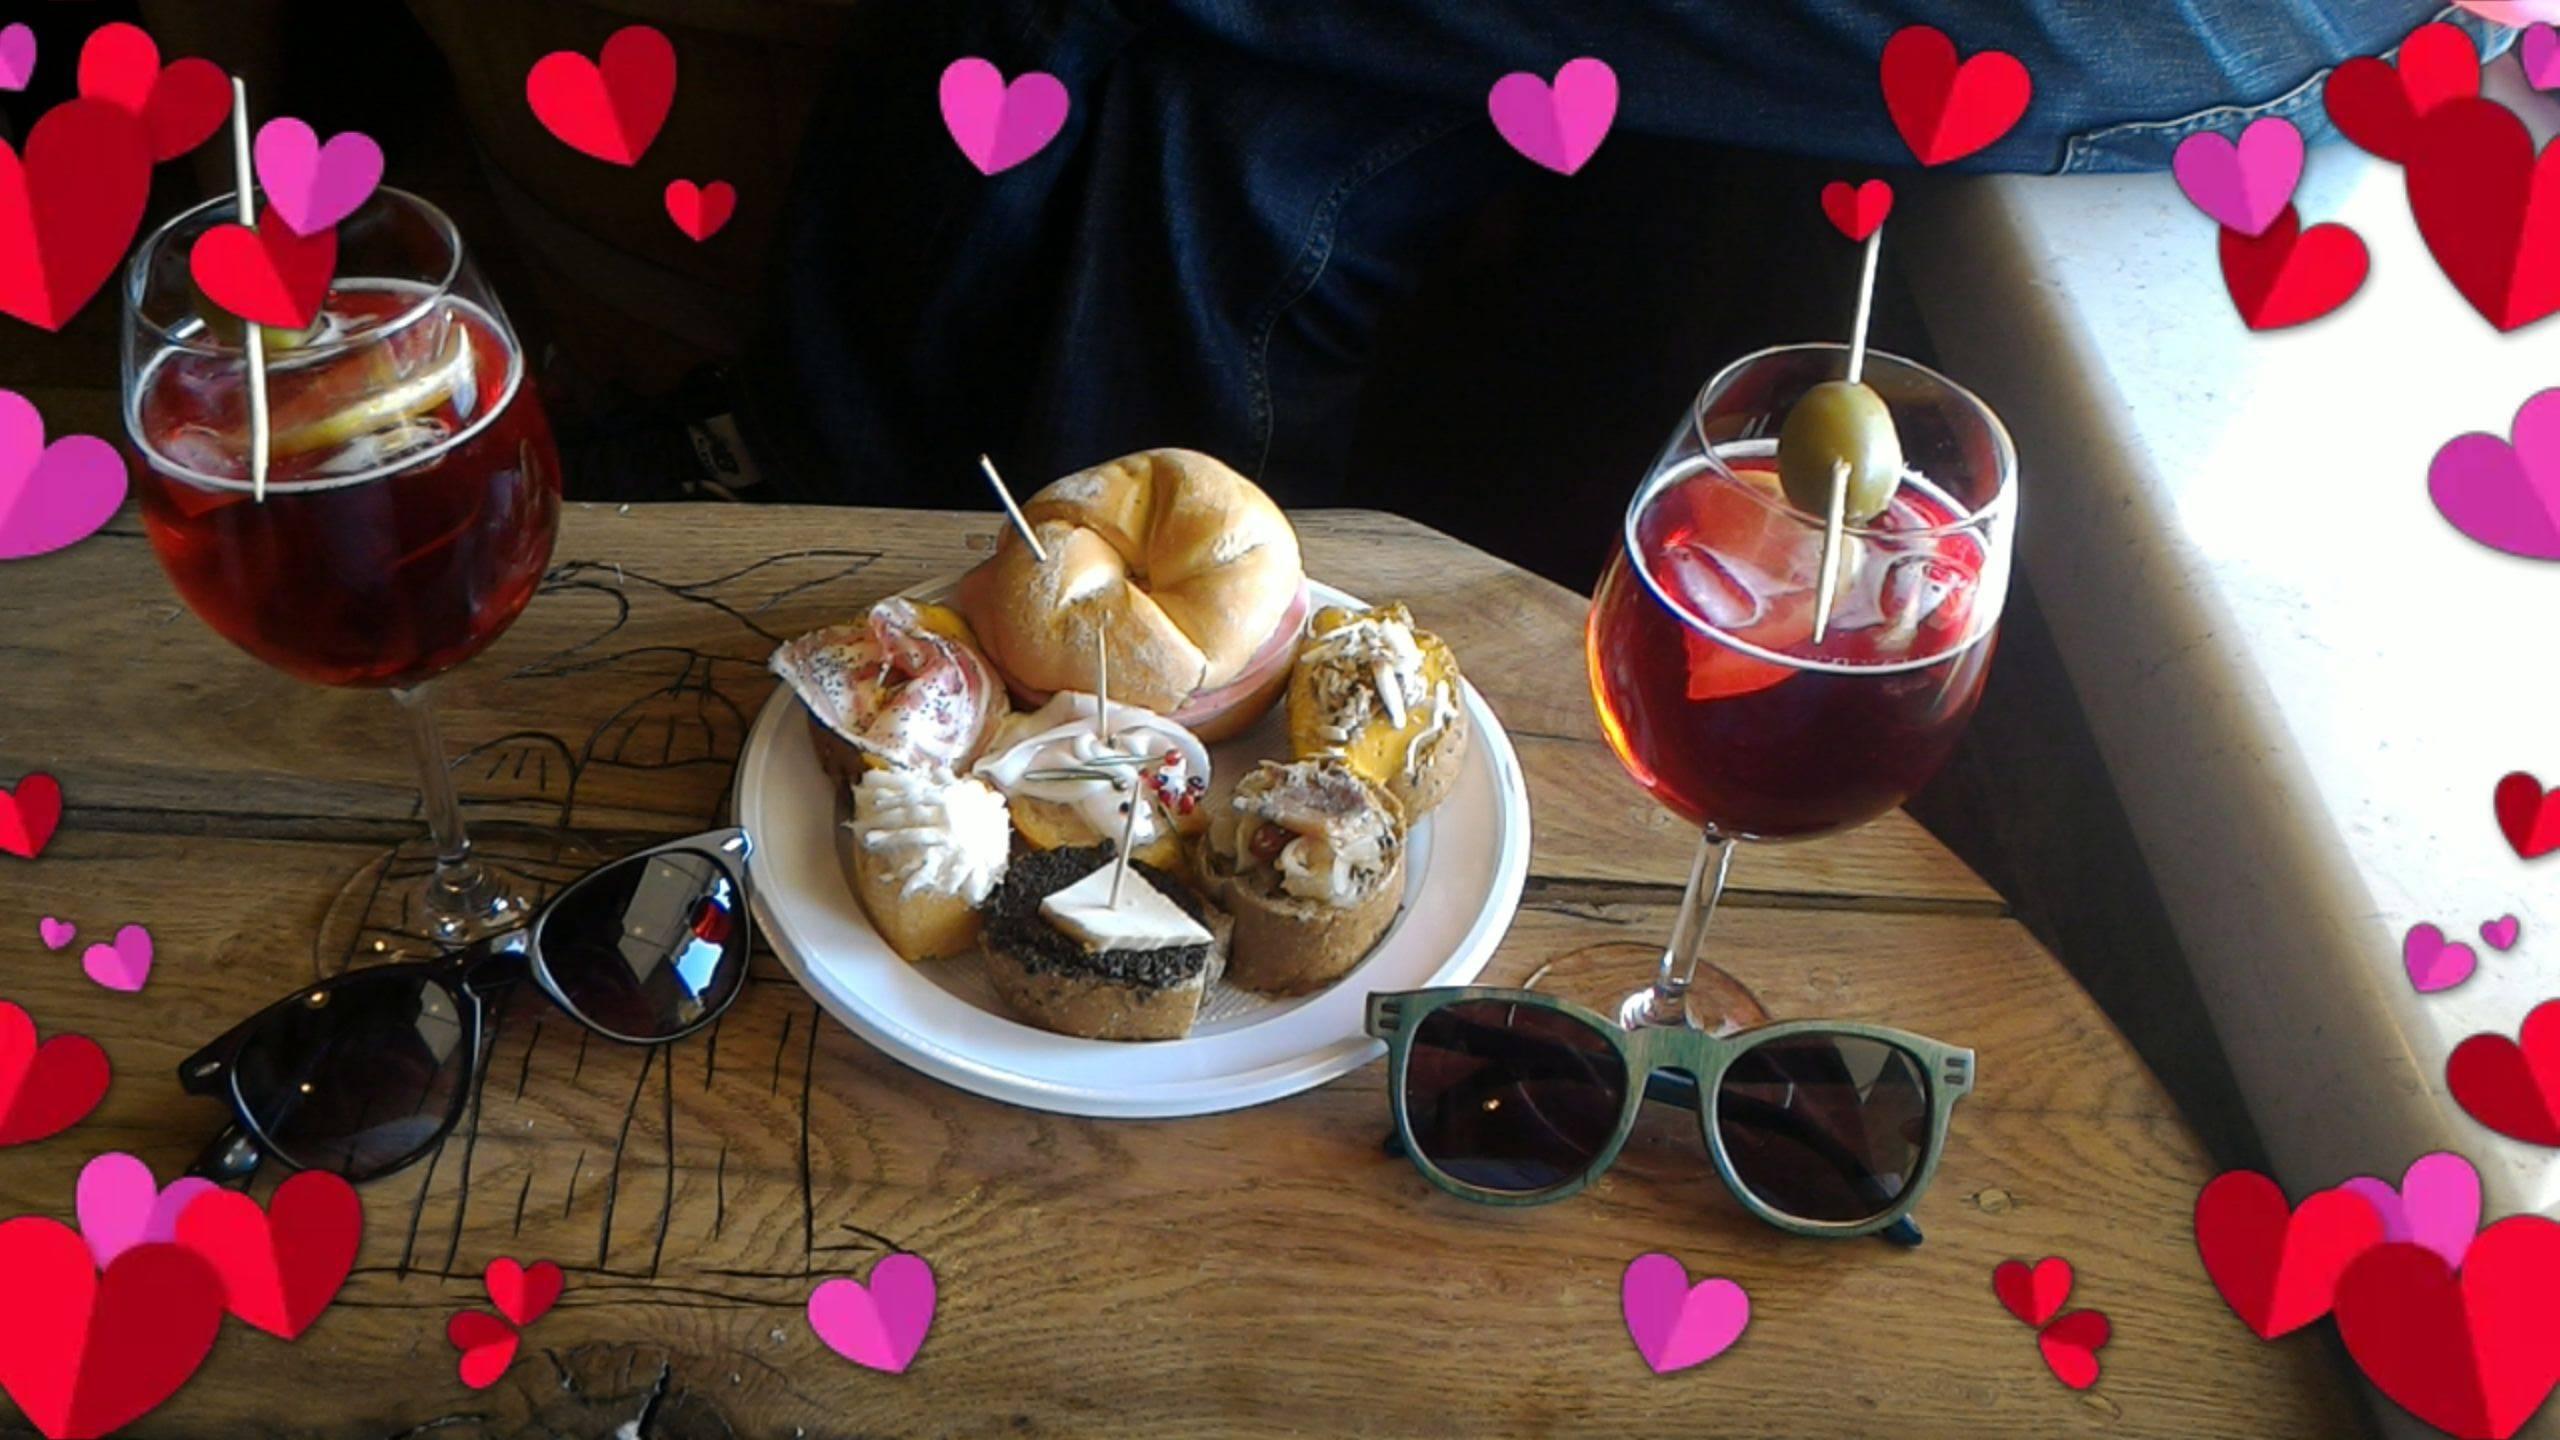 Photo 1: Osteria Al Squero - Tapas et spritz à Venise